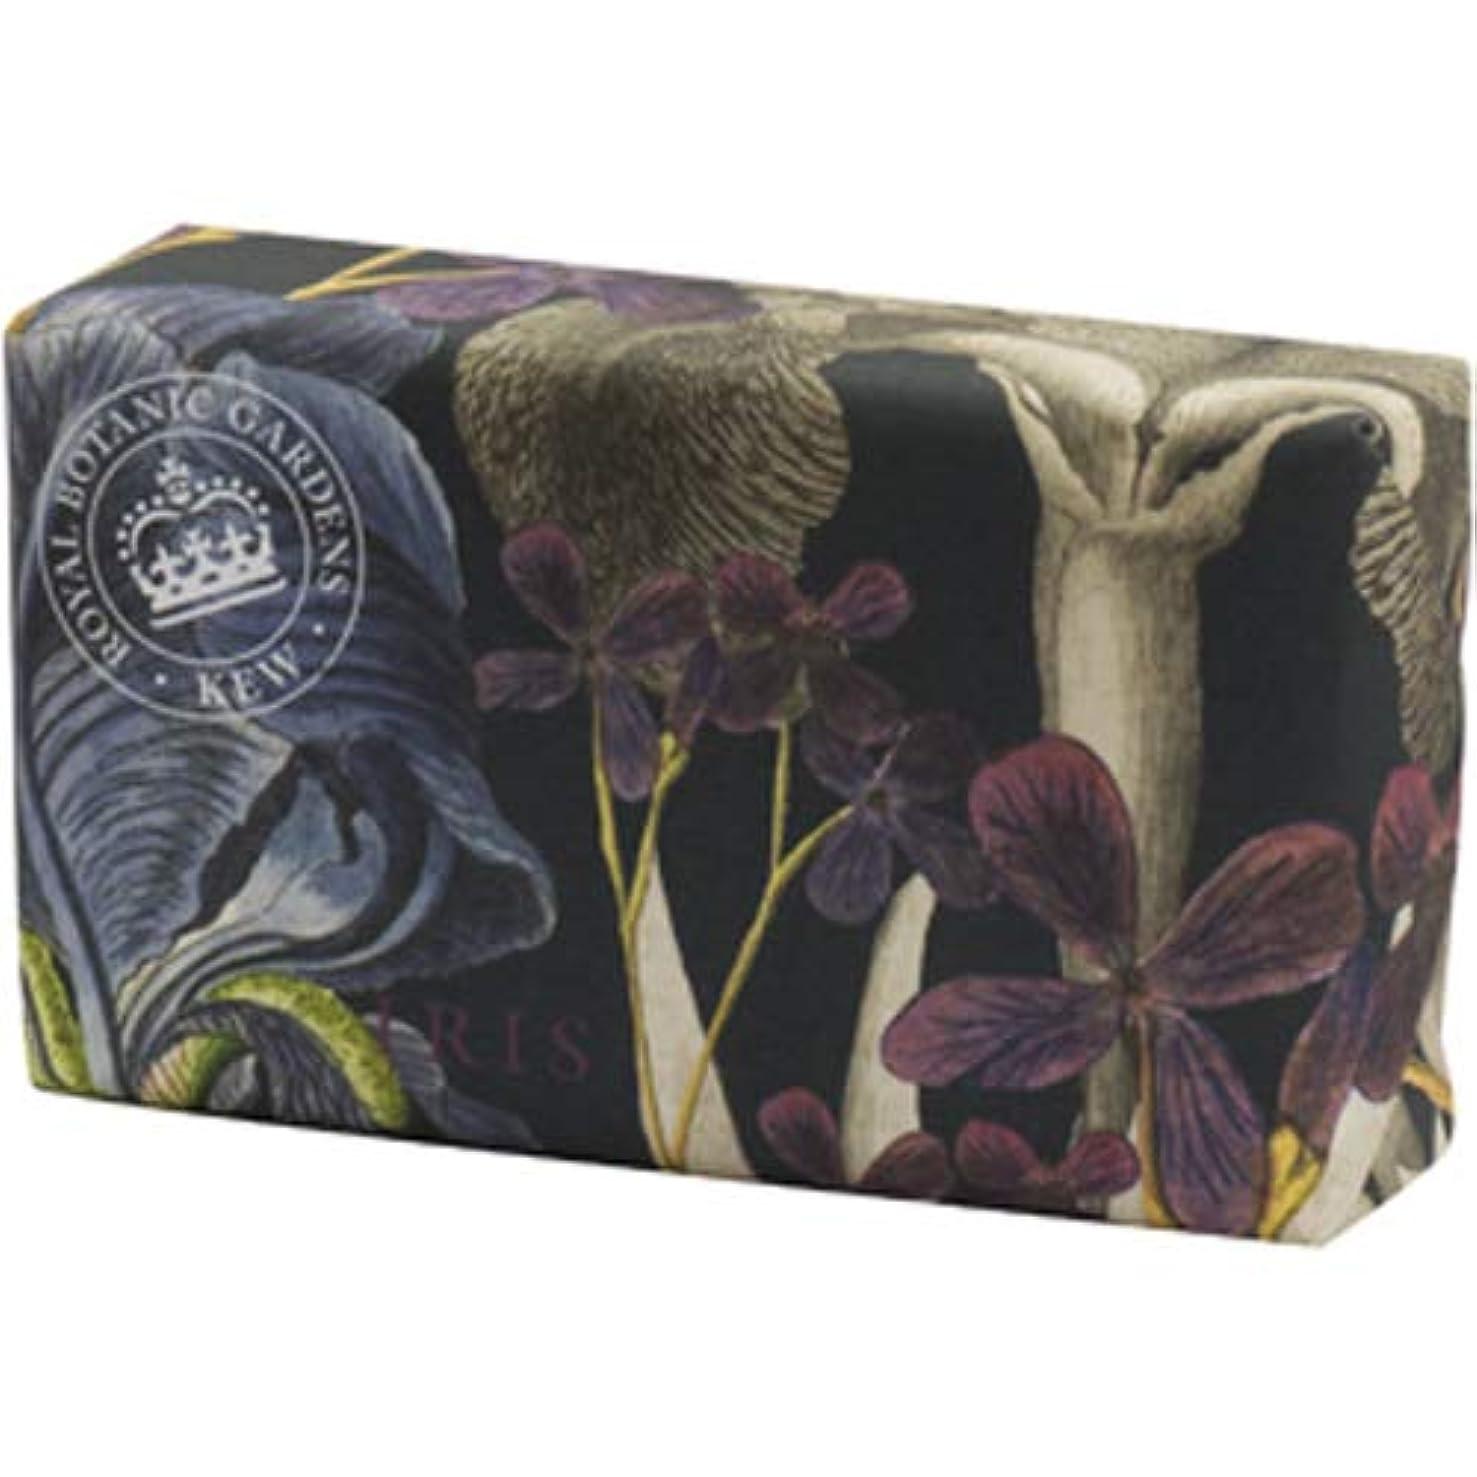 月曜日段階木製三和トレーディング English Soap Company イングリッシュソープカンパニー KEW GARDEN キュー?ガーデン Luxury Shea Soaps シアソープ Iris アイリス